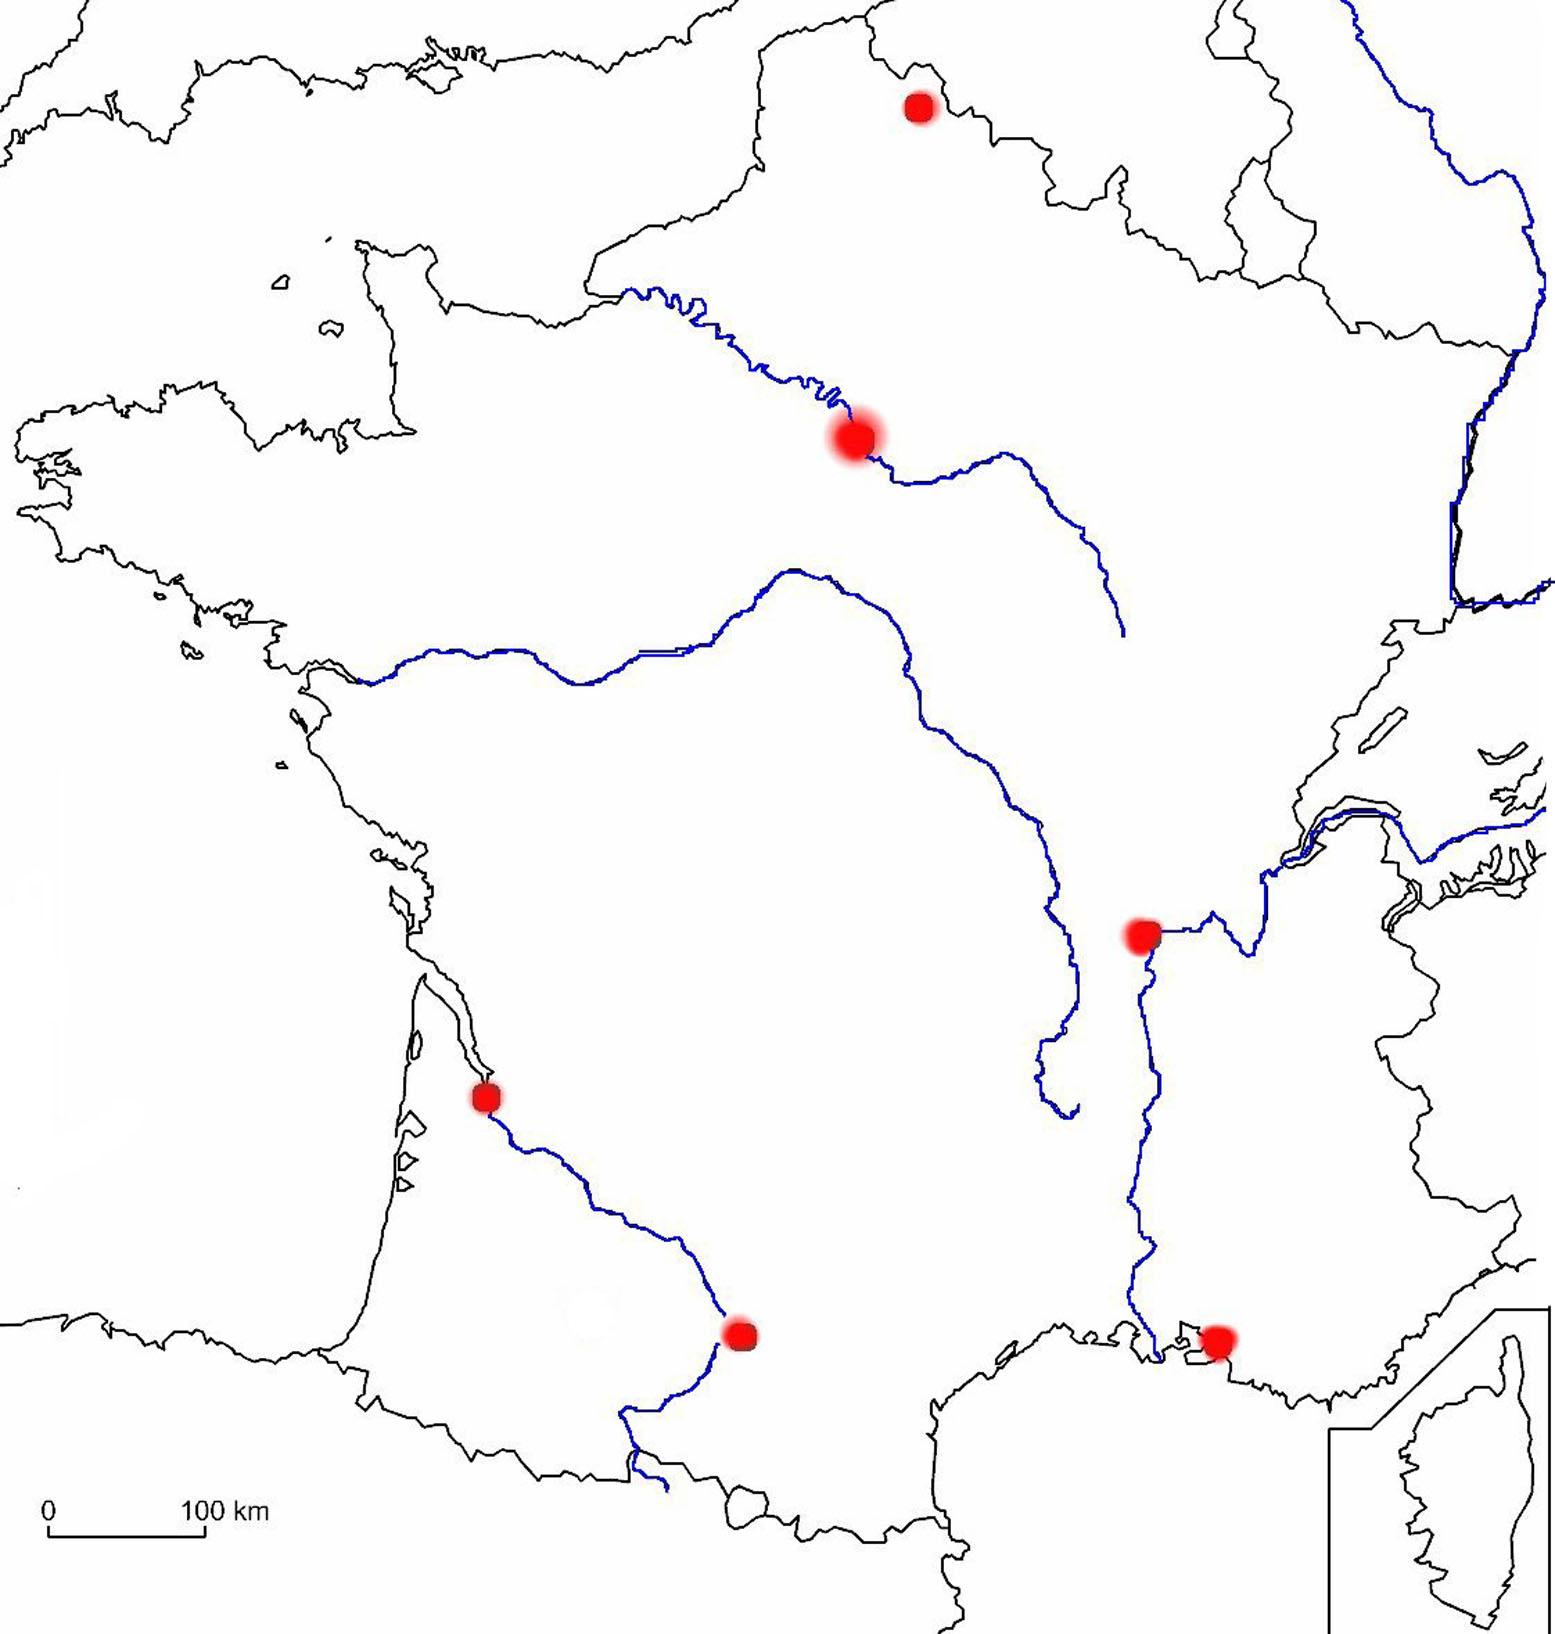 Carte Des Fleuves De France Ce2 | My Blog concernant Carte De France Des Fleuves